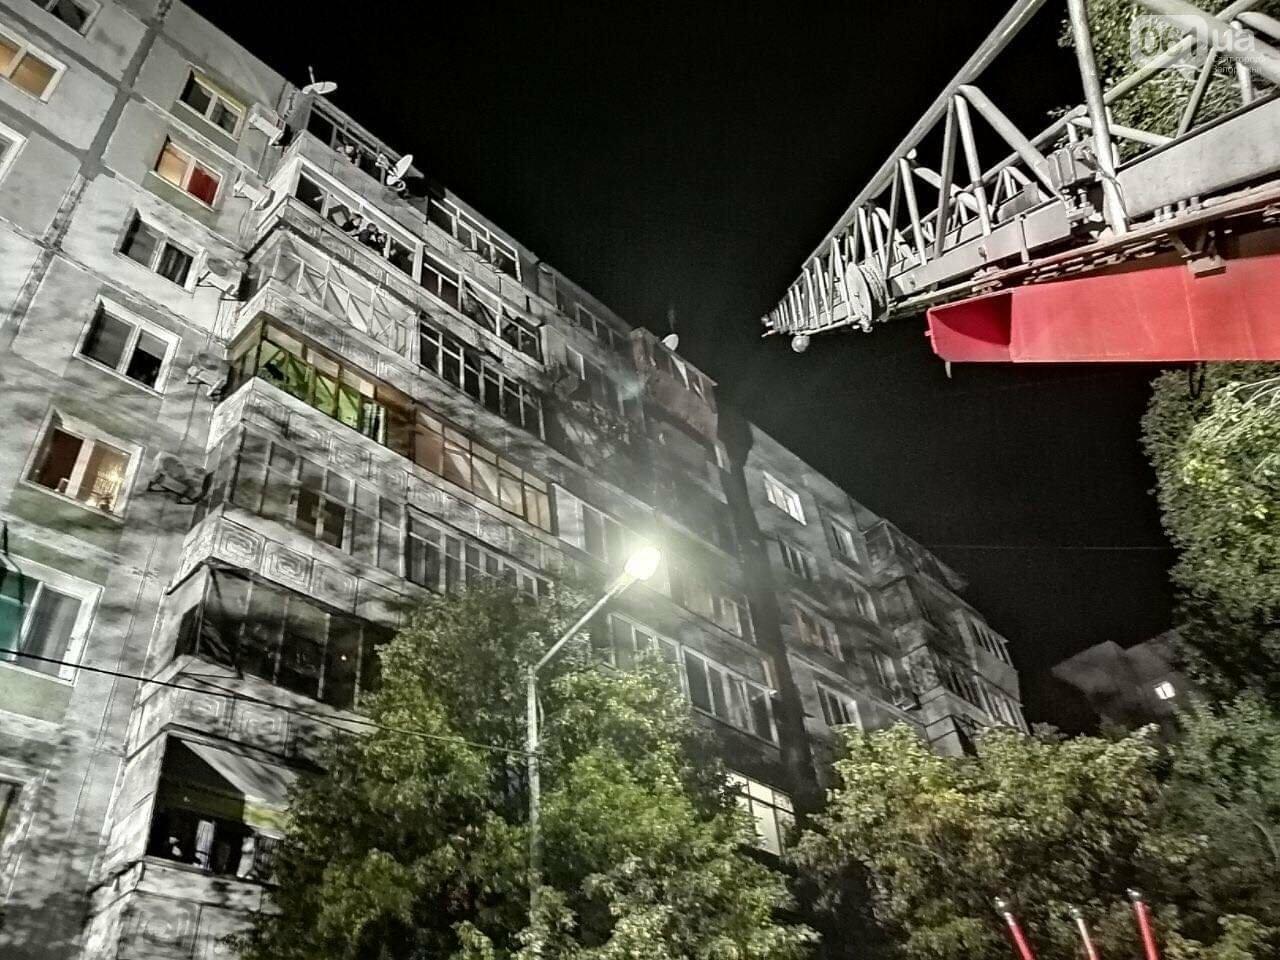 В Запорожье пожар в 9-этажном доме тушили 35 спасателей, сгорело 4 балкона, еще 3 - повреждено, фото-1